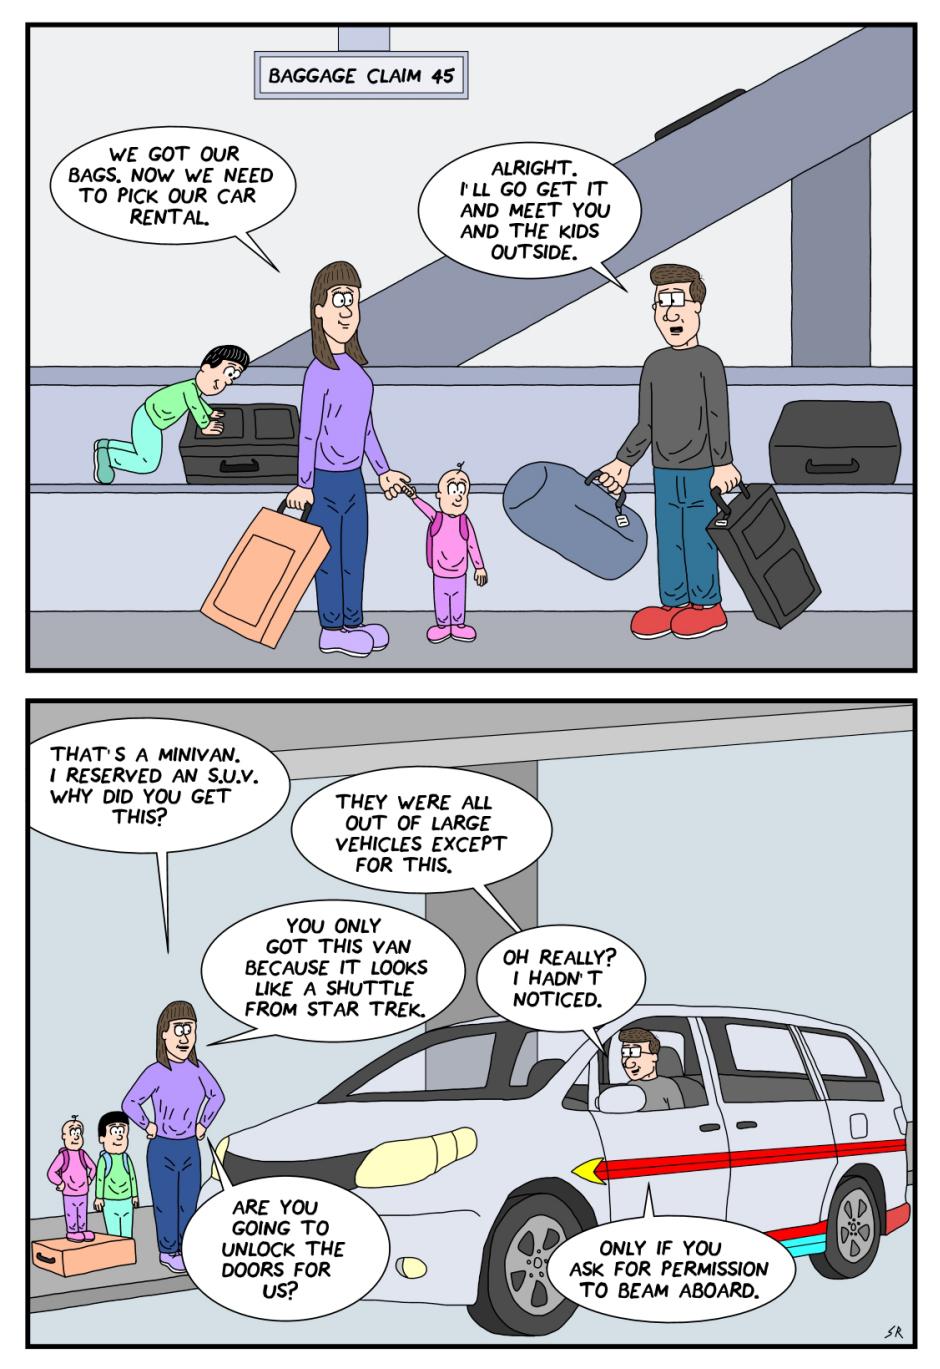 The shuttlecraft